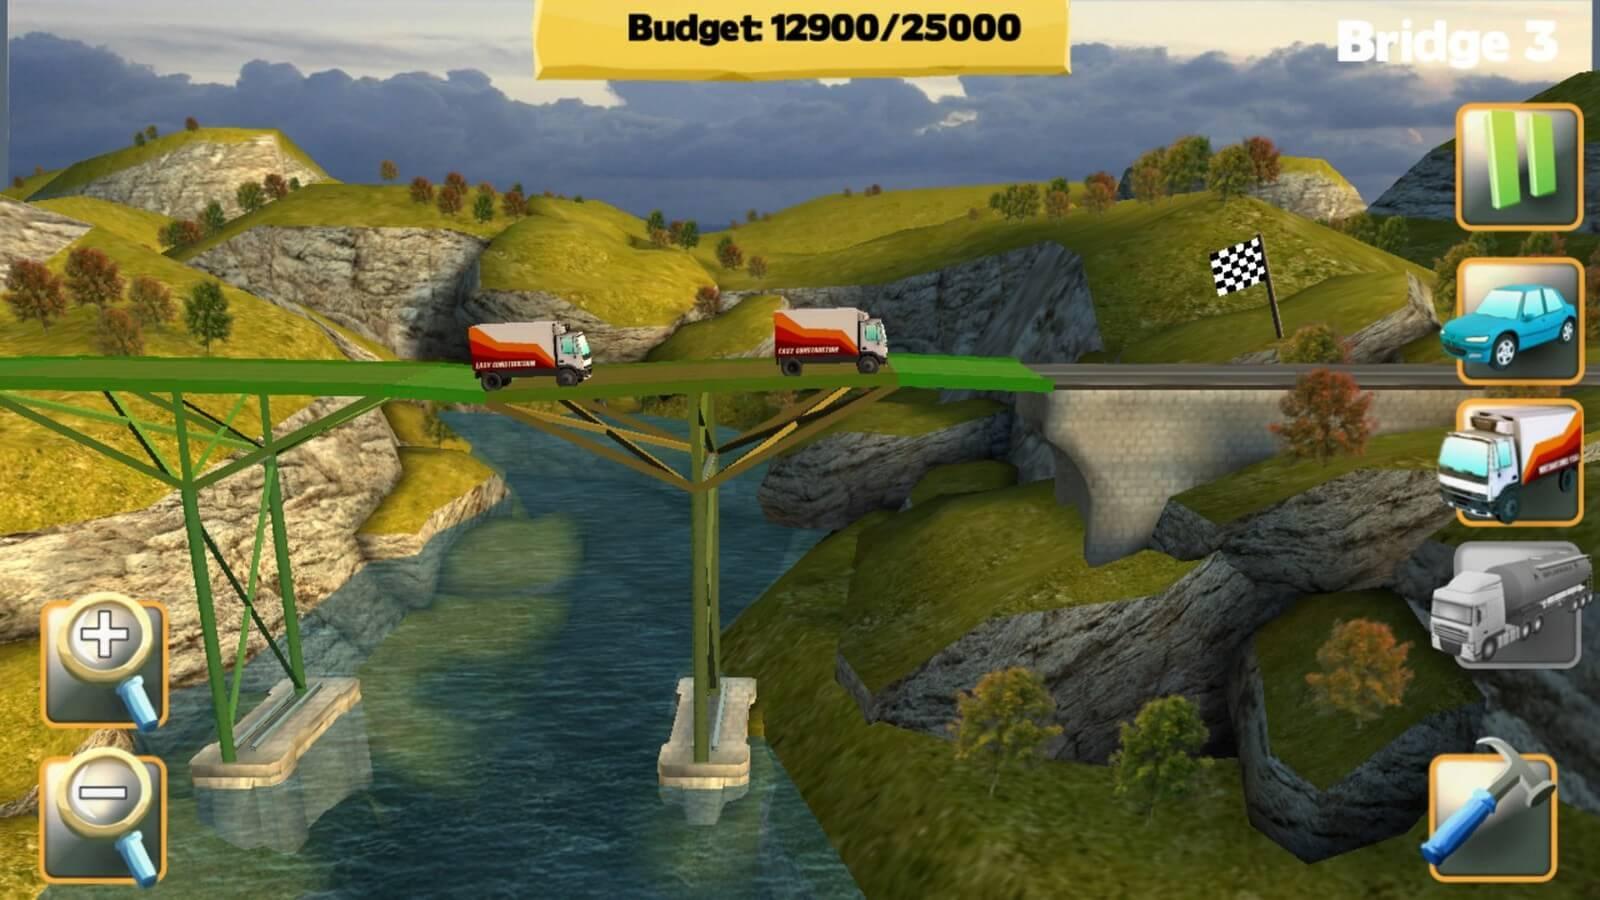 Конструктор мостов и плеер для айфона: скидки в пятницу 24 января